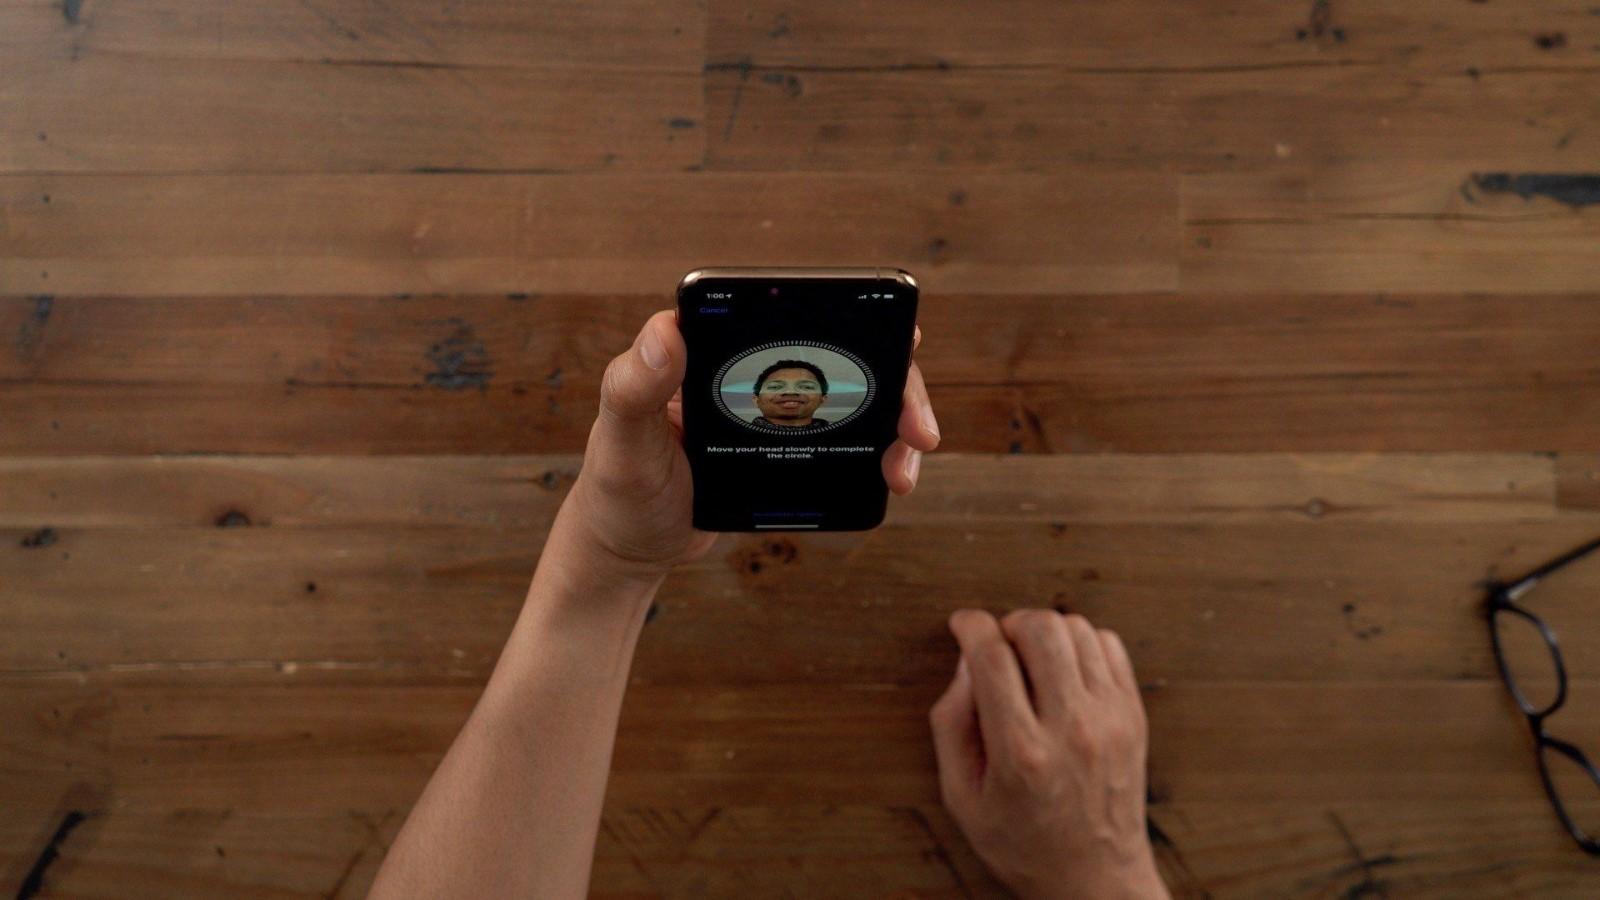 苹果或将在2021年之前弃用Face ID 改用屏幕Touch ID